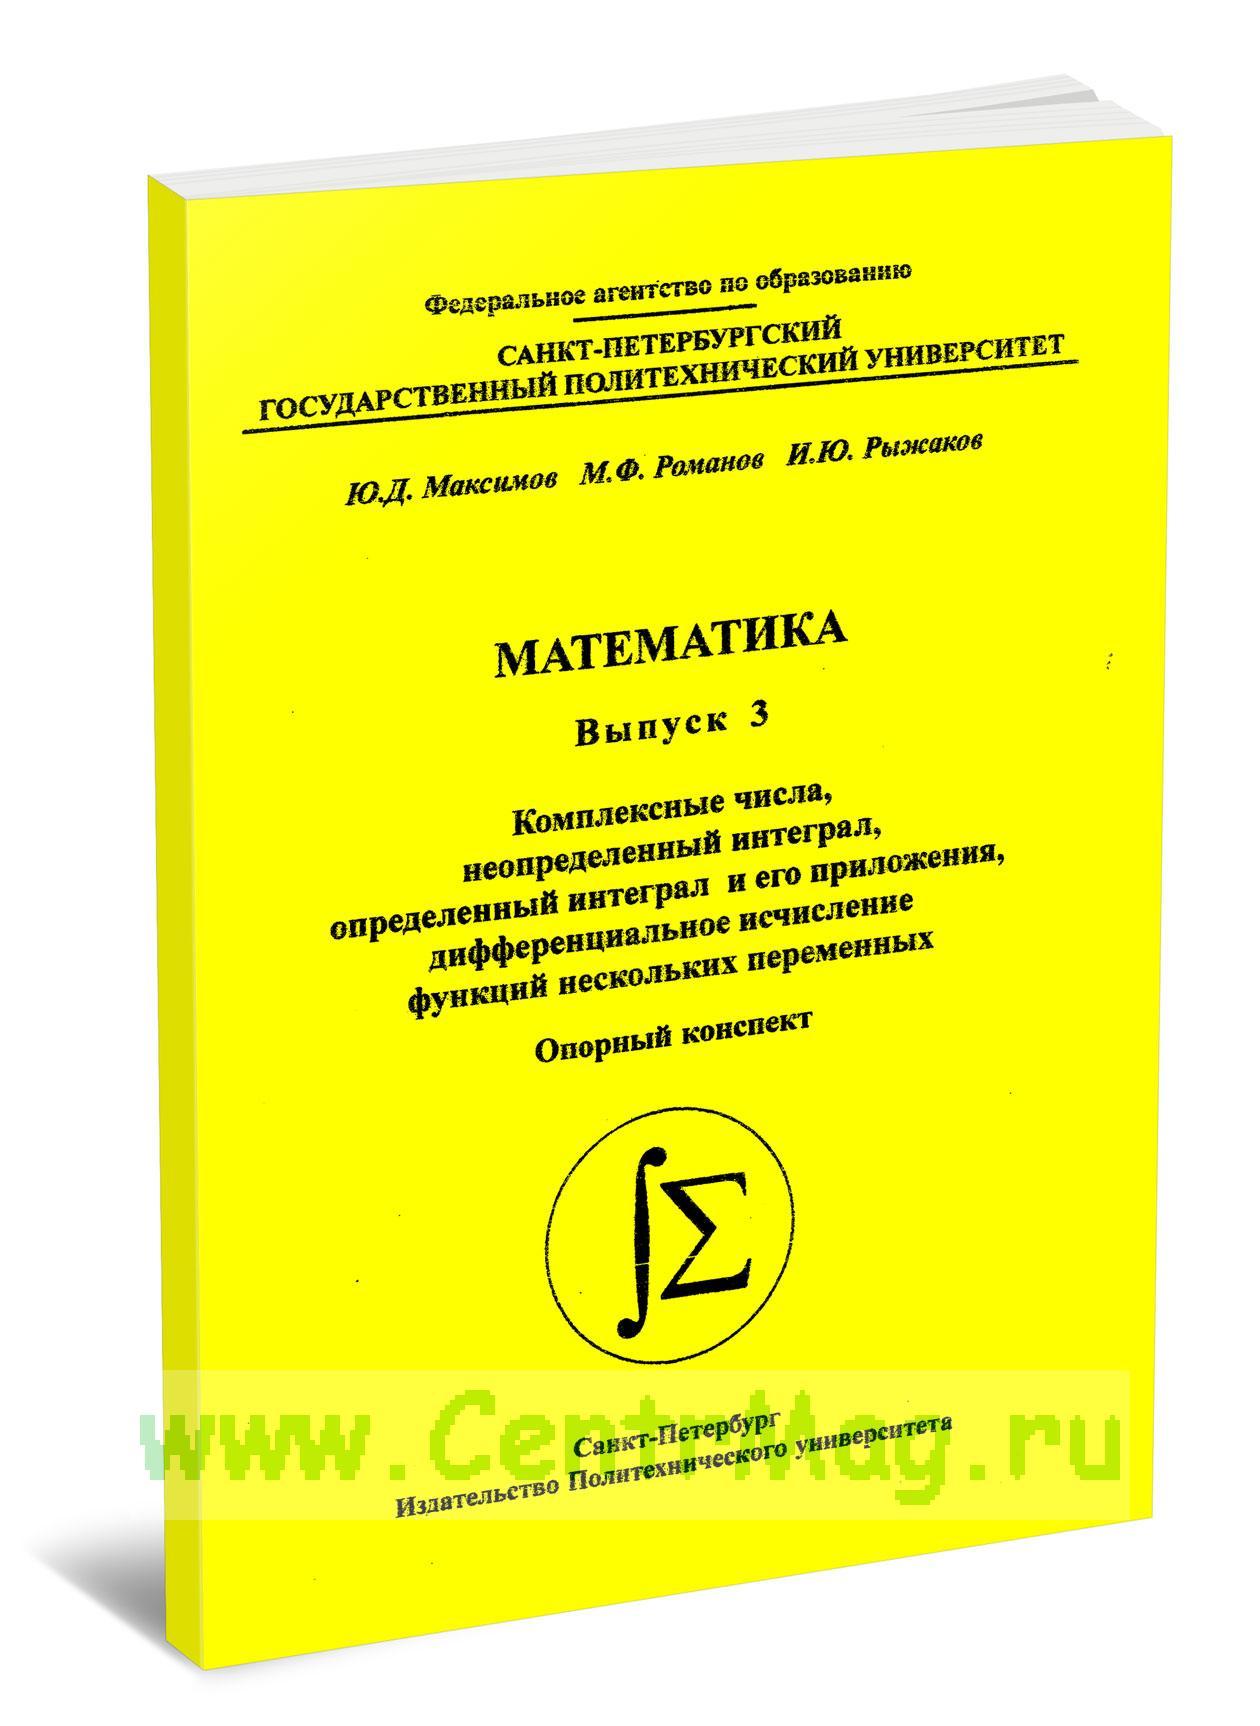 Математика. Выпуск 3. Комплексные числа, неопределенный и определенный интегралы. Опорный конспект